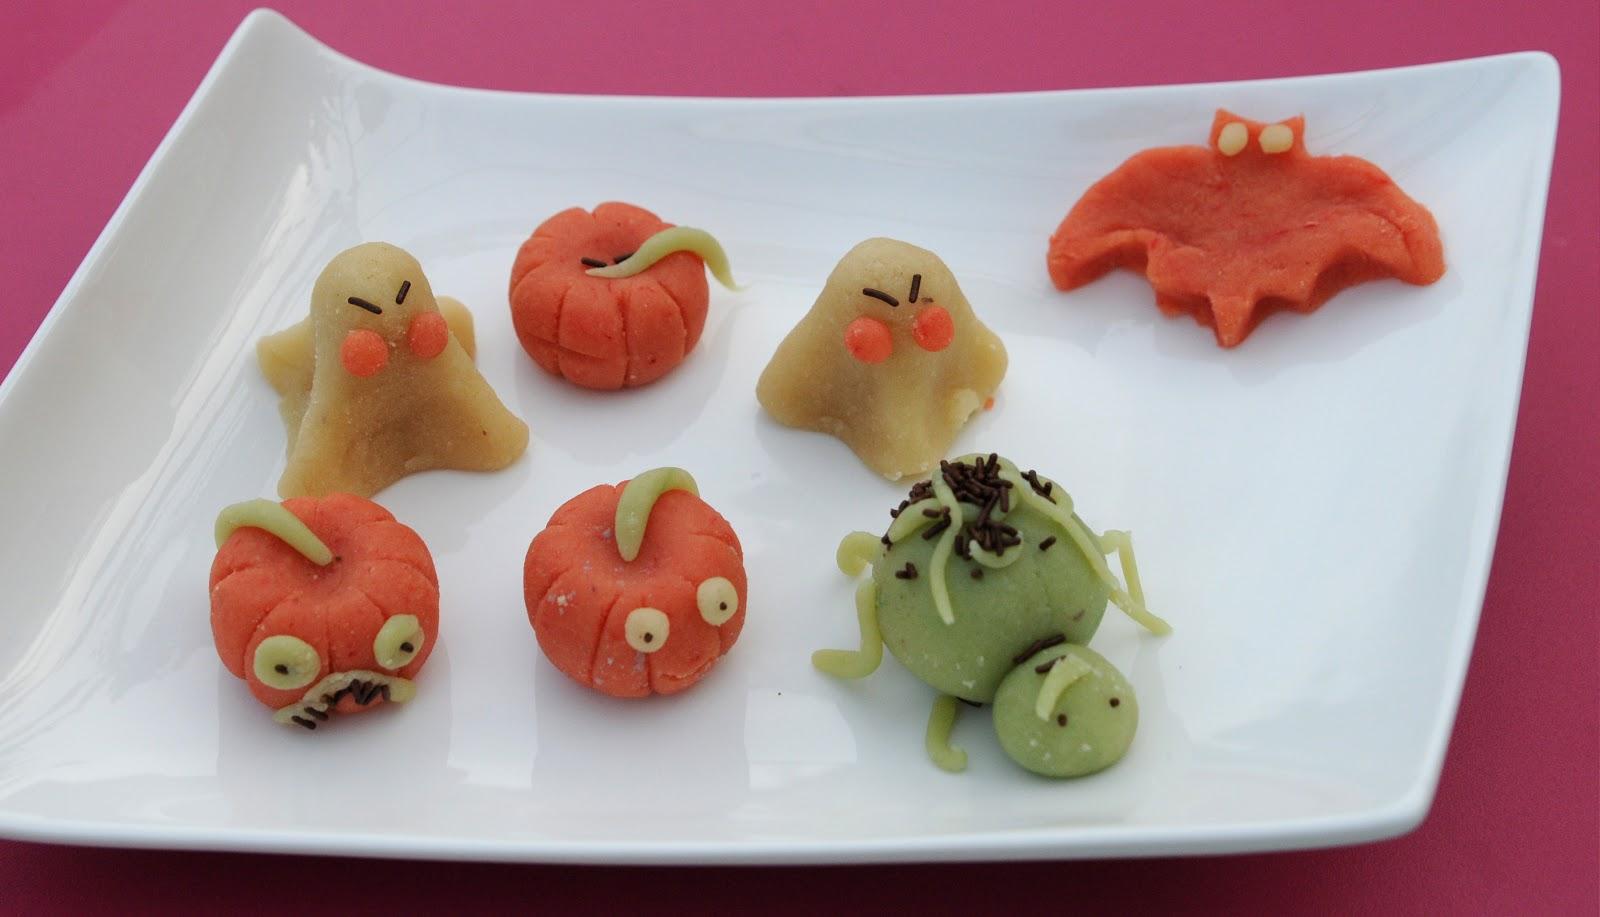 13 desserts chacun p te d 39 amandes maison pour halloween - Pate a sel maison ...